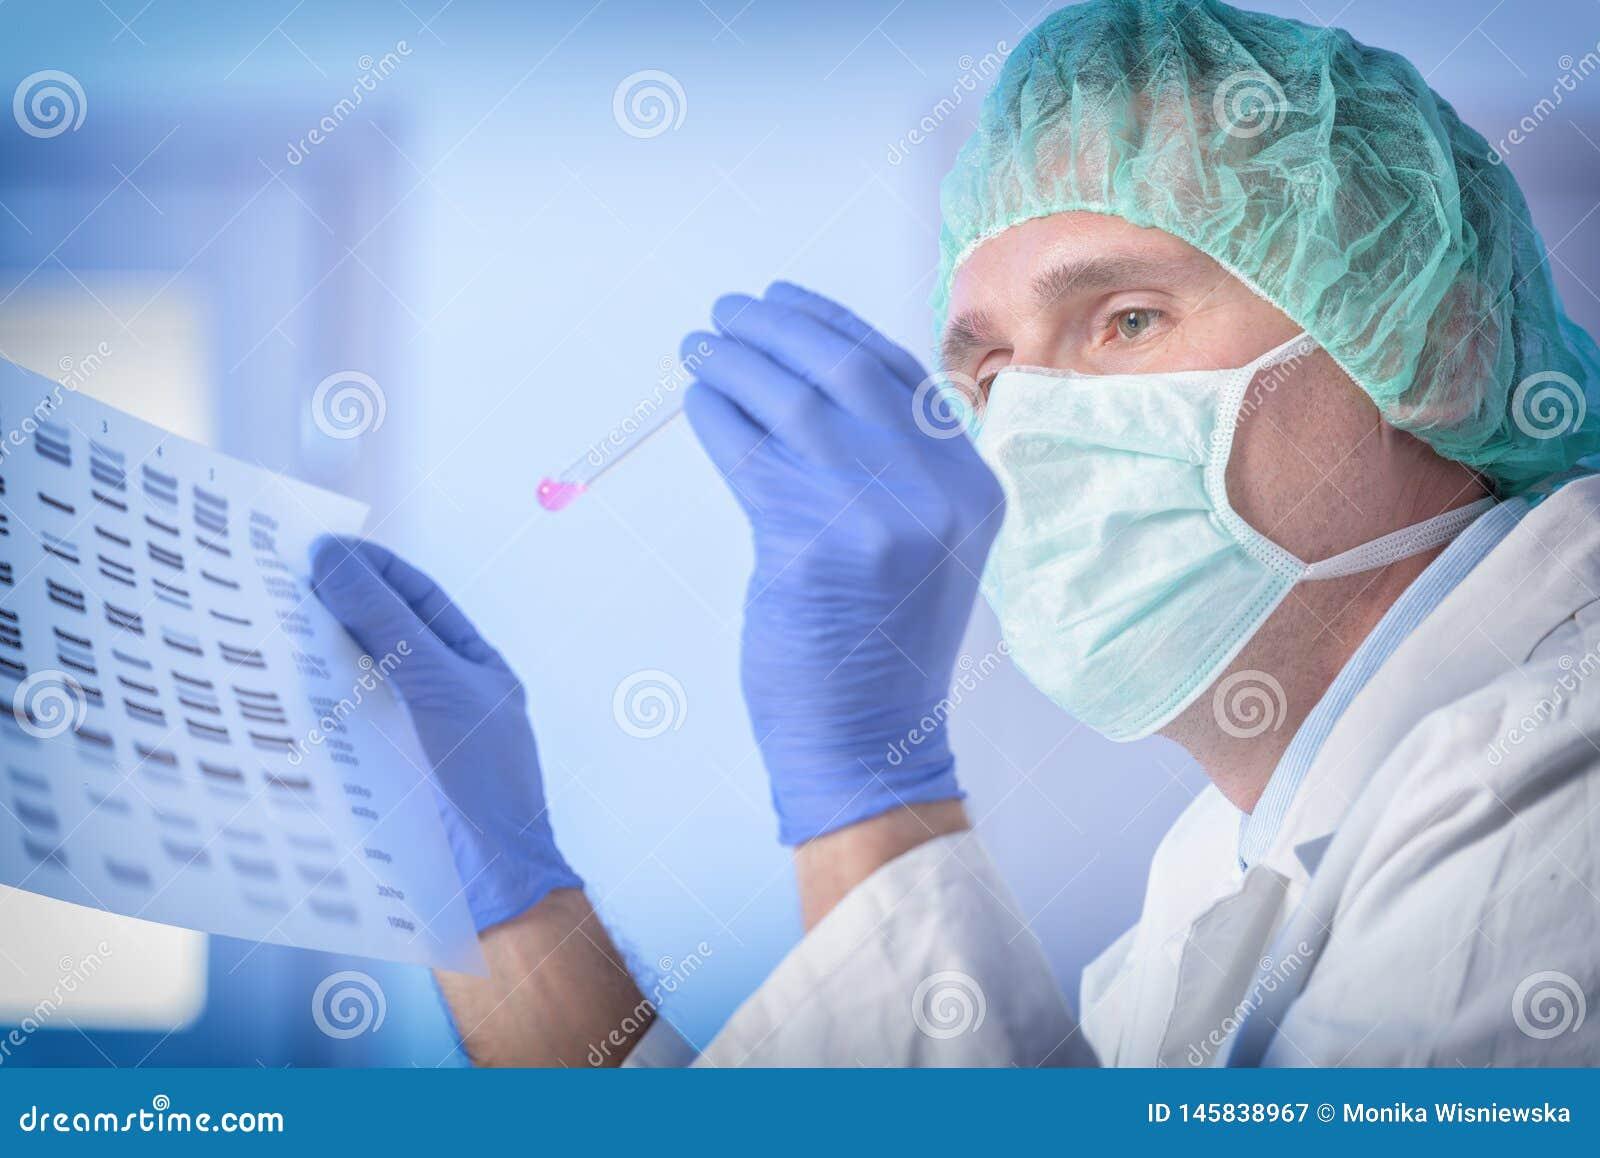 Wetenschapper die DNA-opeenvolging analizing